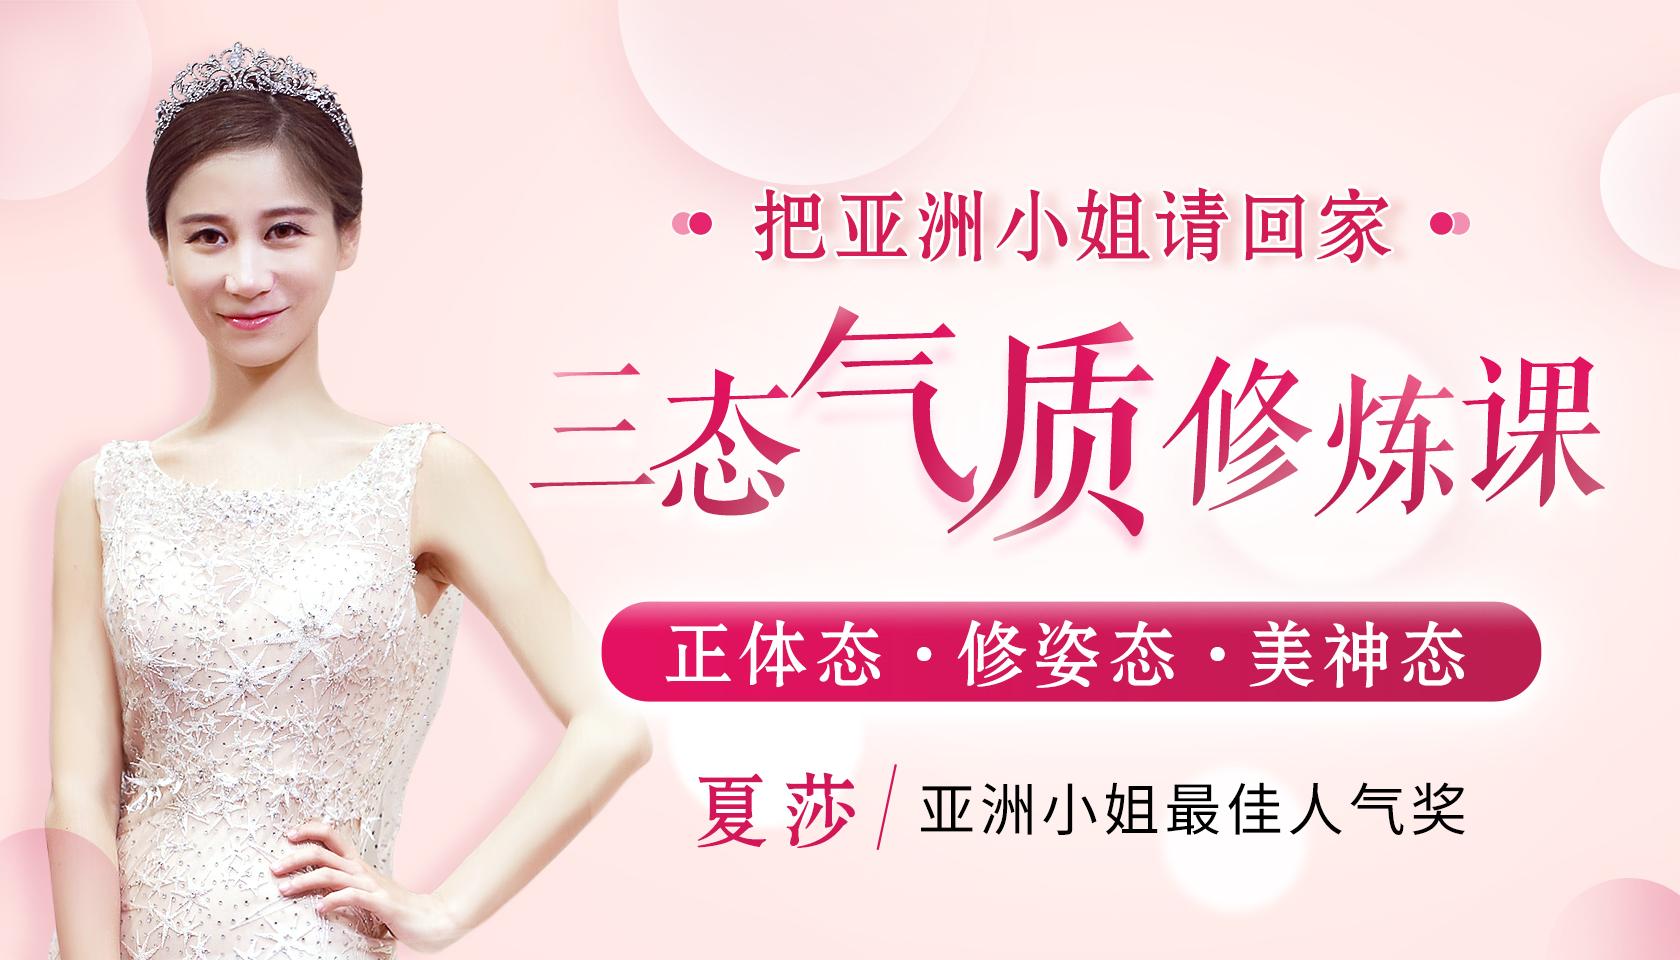 亚洲小姐的三态气质修炼课,360°锻造无懈可击优雅气质!